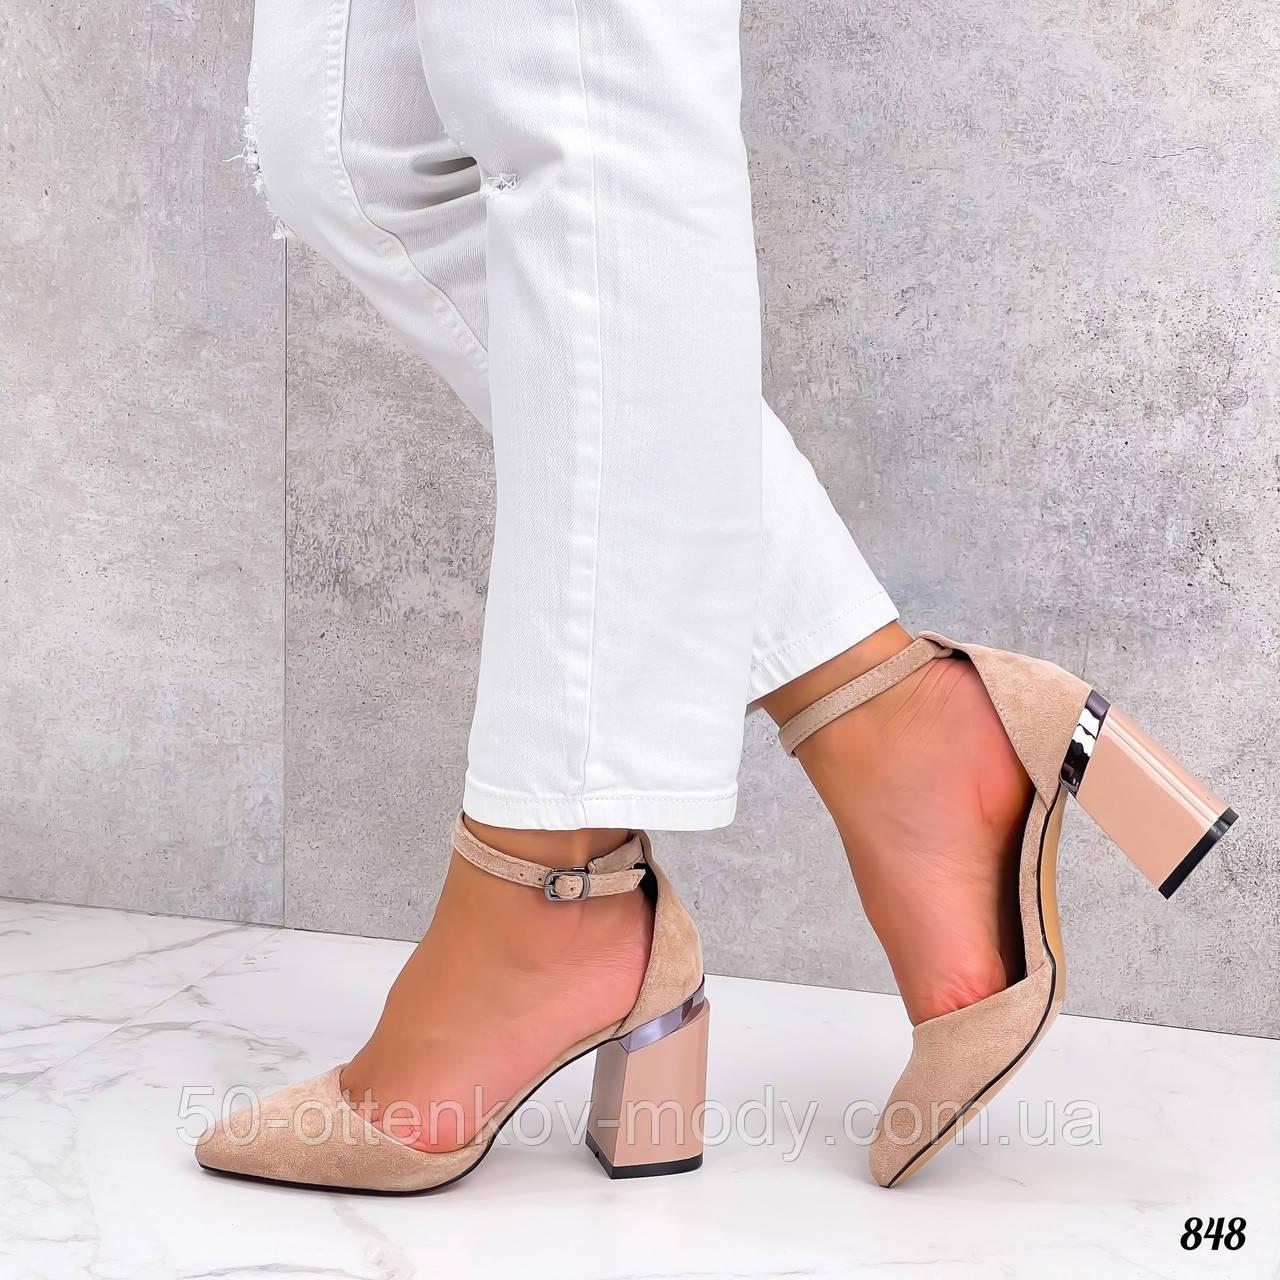 Жіночі туфлі на невисокому стійкому каблуці з ремінцем на кісточці бежеві